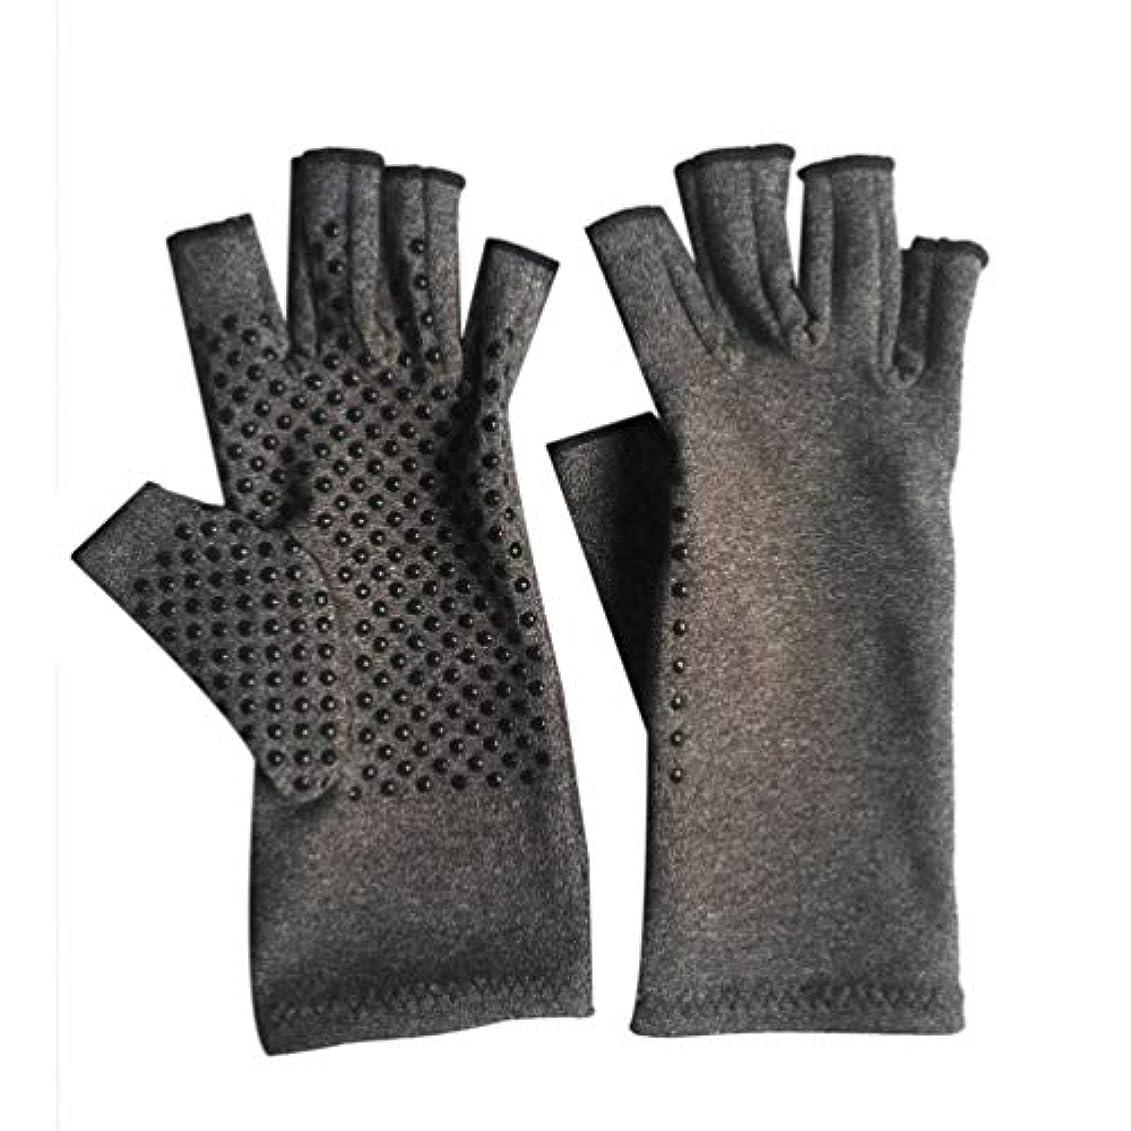 ドレス目の前のデイジー1ペアユニセックス男性女性療法圧縮手袋関節炎関節痛緩和ヘルスケア半指手袋トレーニング手袋 - グレーM